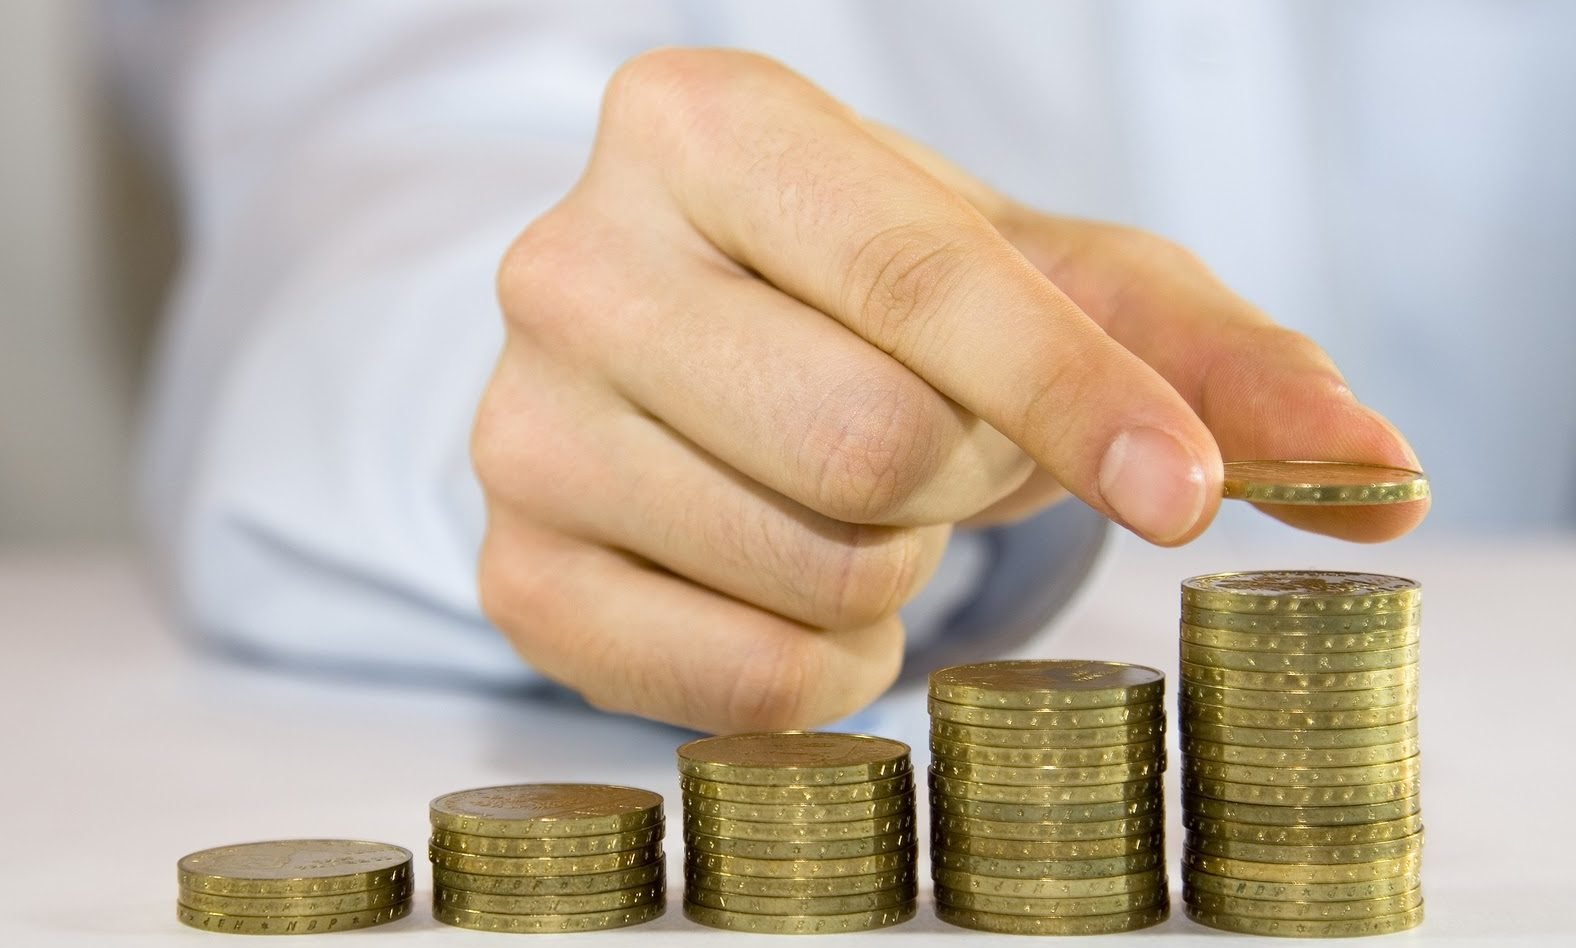 mit kell csinálni, nem lehet pénzt keresni helyiek bitcoin ára